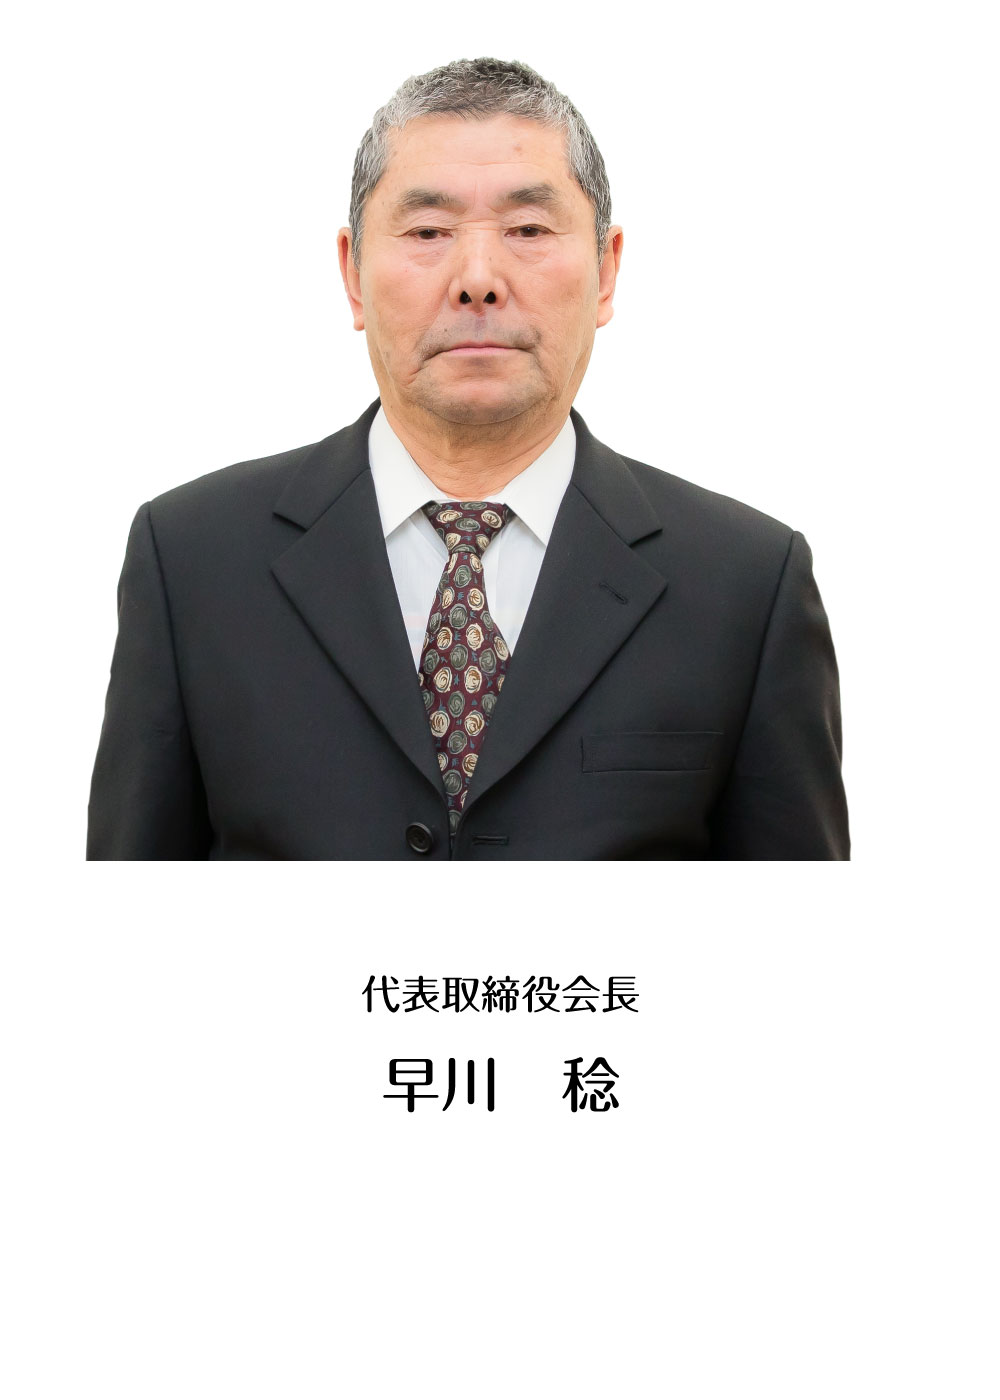 代表取締役会長 早川 稔